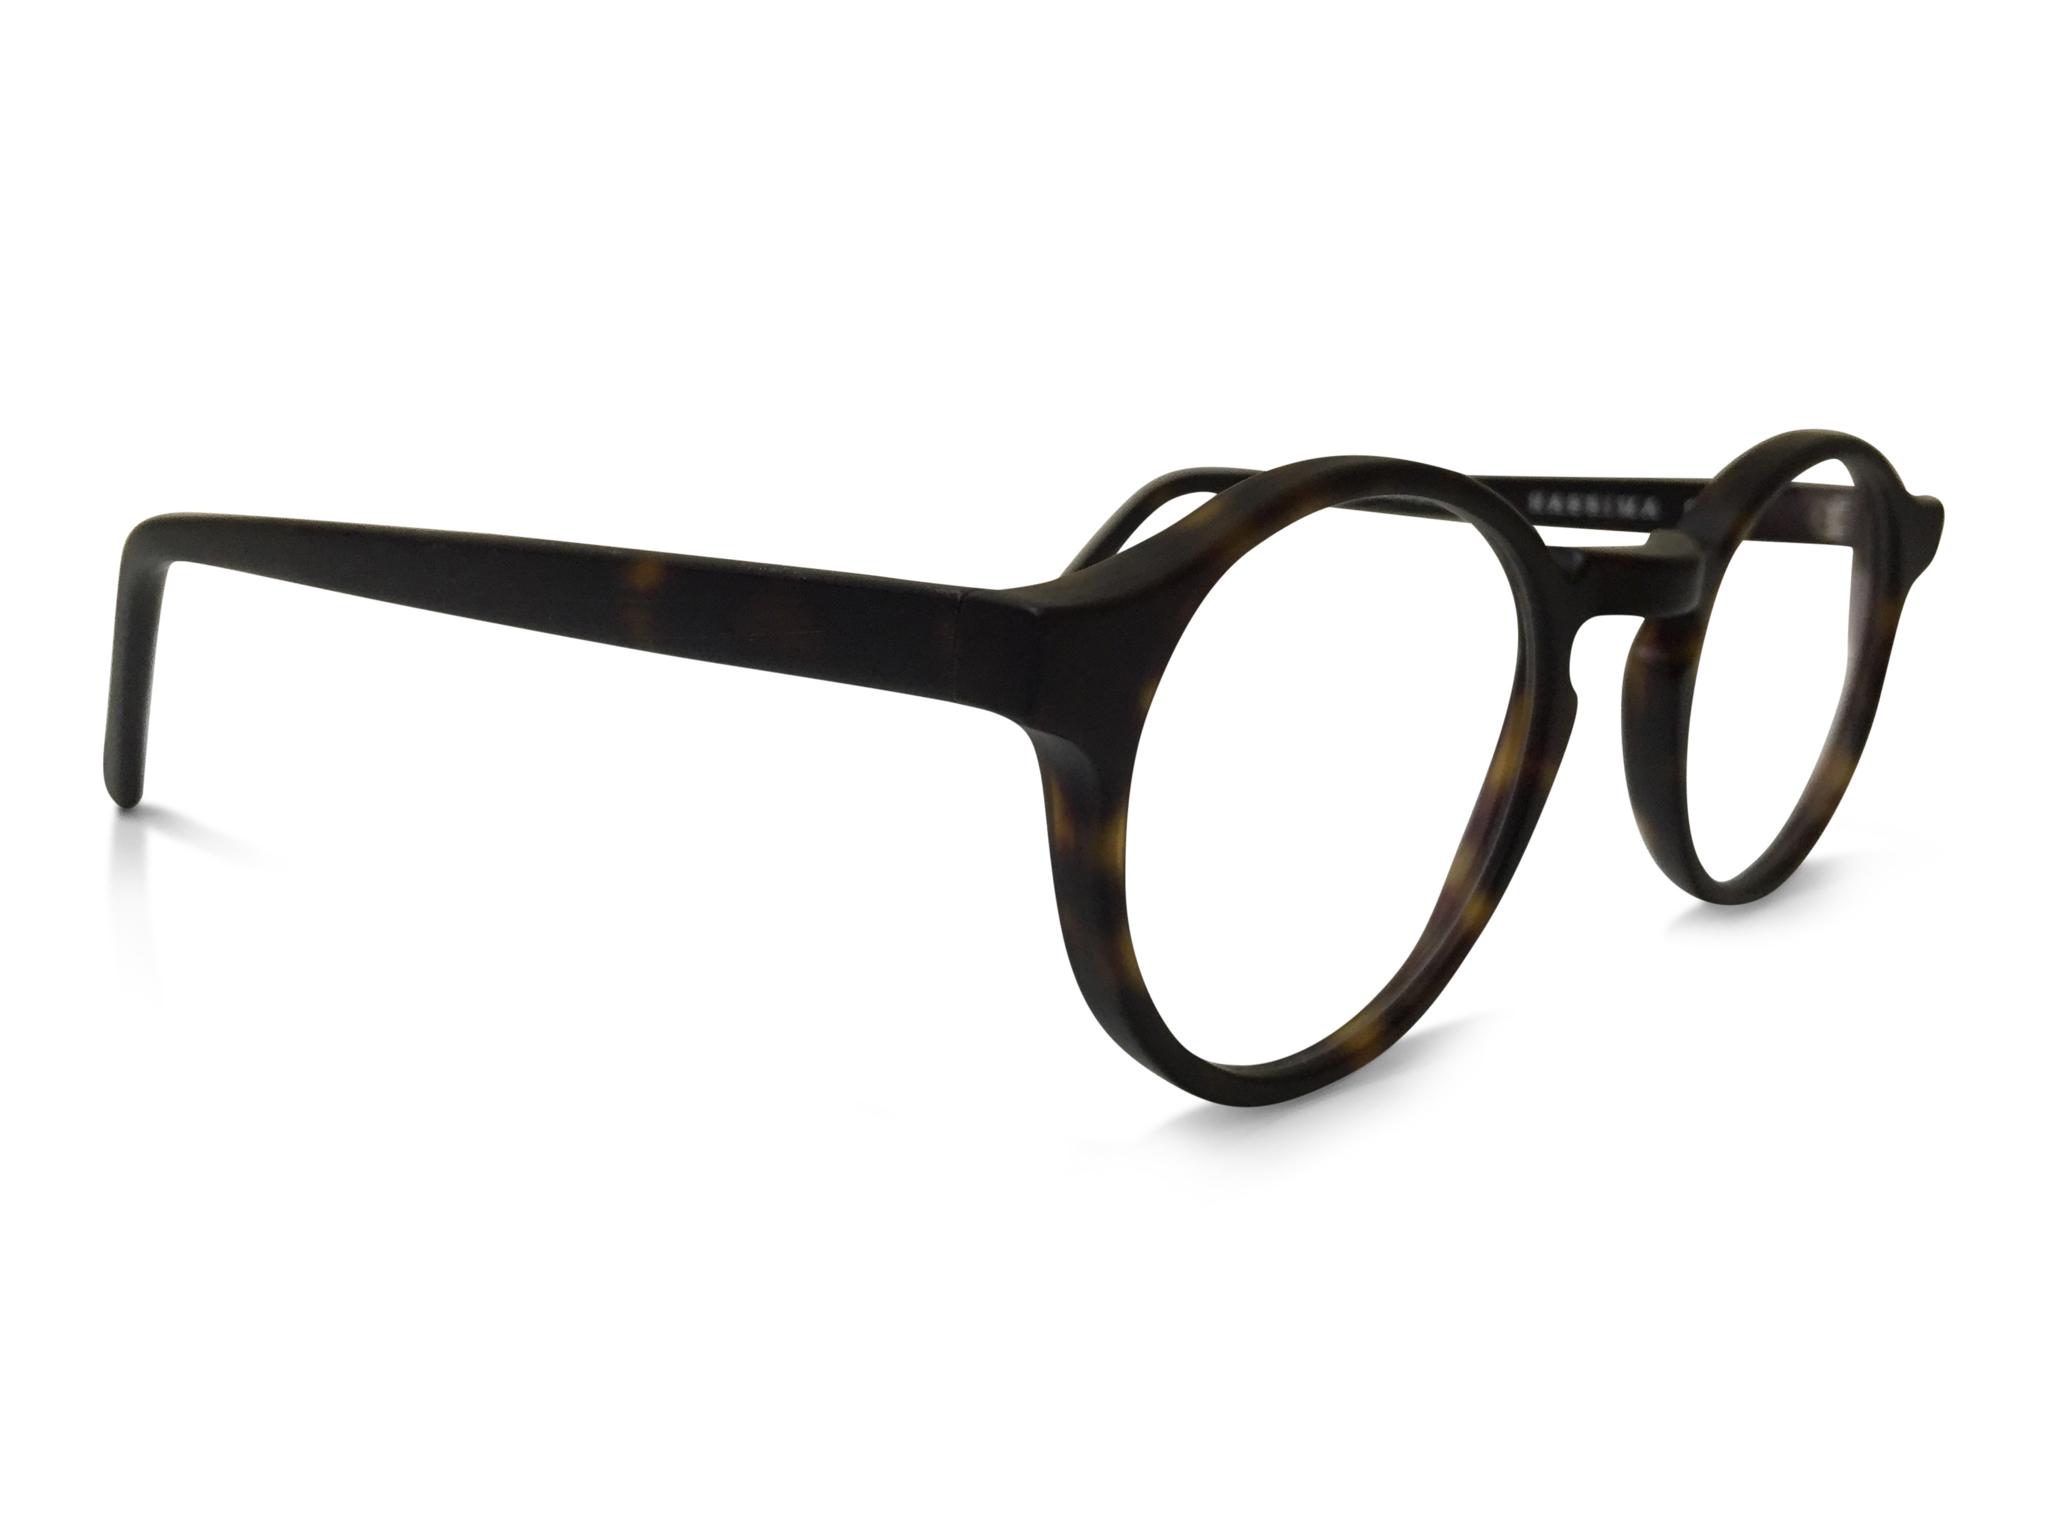 Blog - Seite 34 von 51 - Eyewear Styling